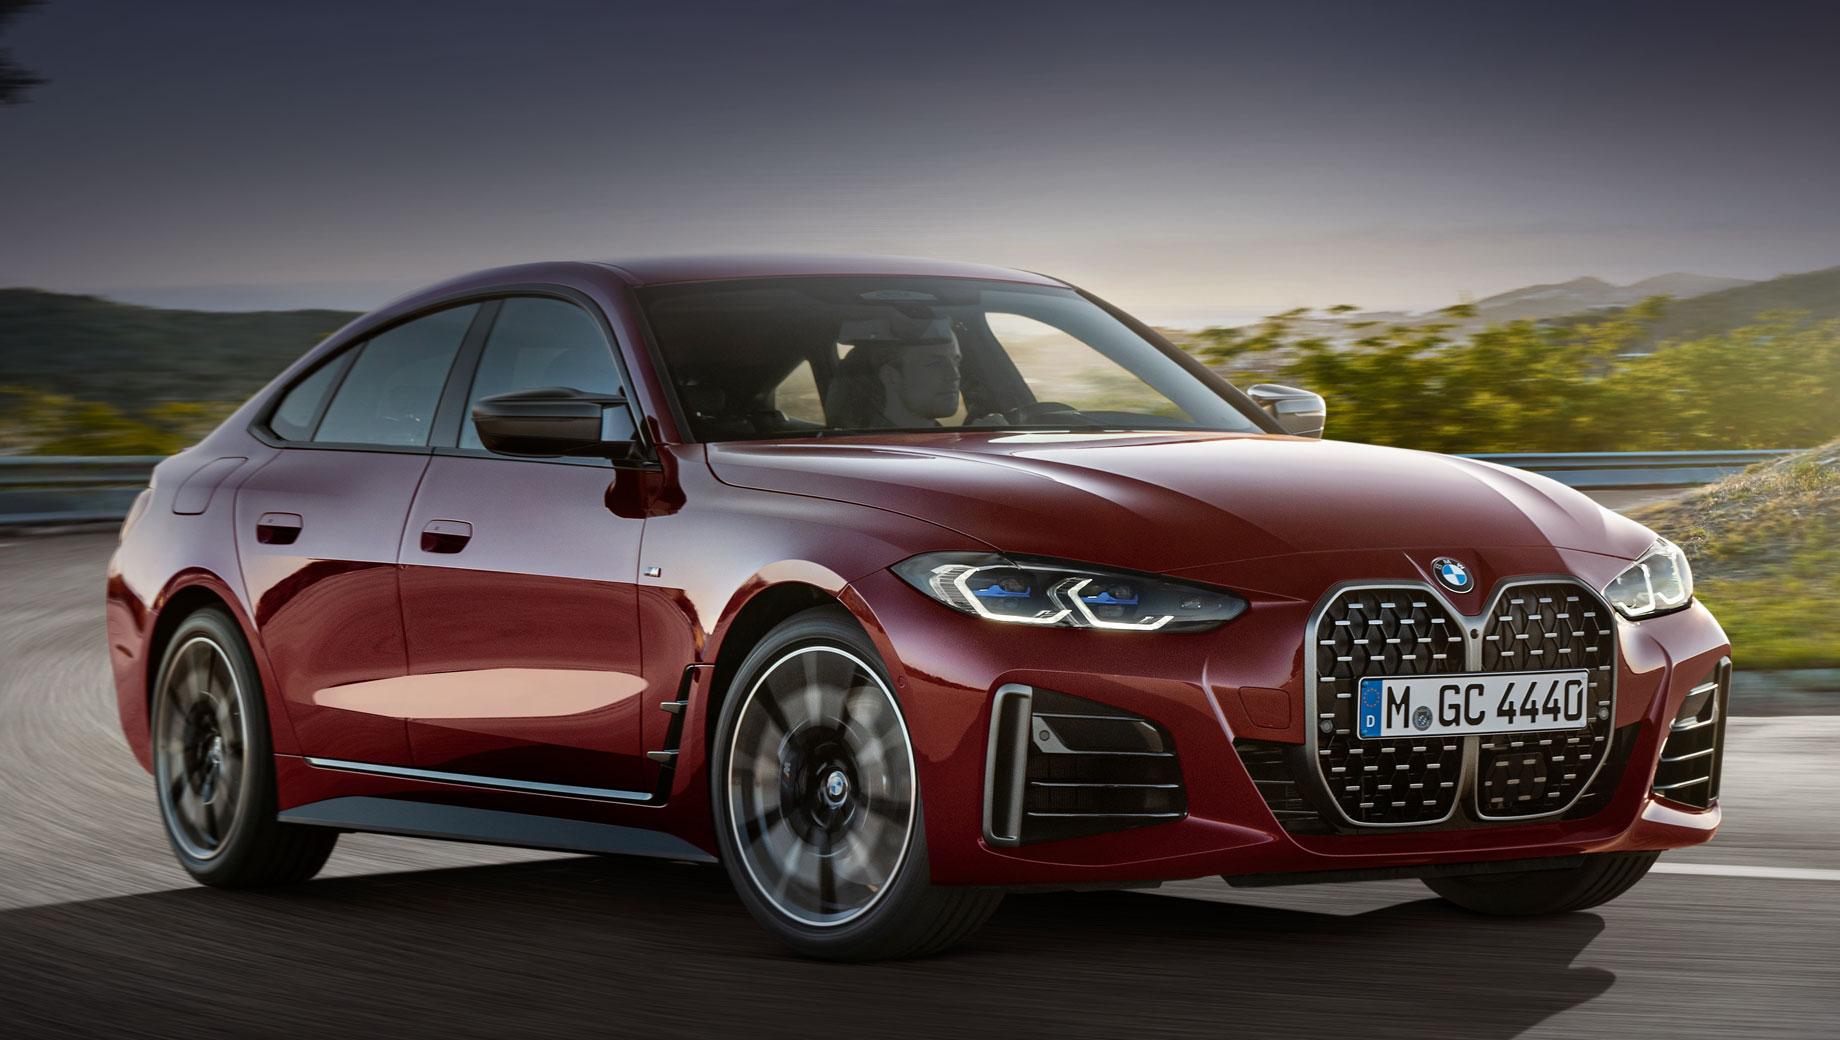 «Четвёрка» BMW Gran Coupe дебютировала с рублёвым ценником